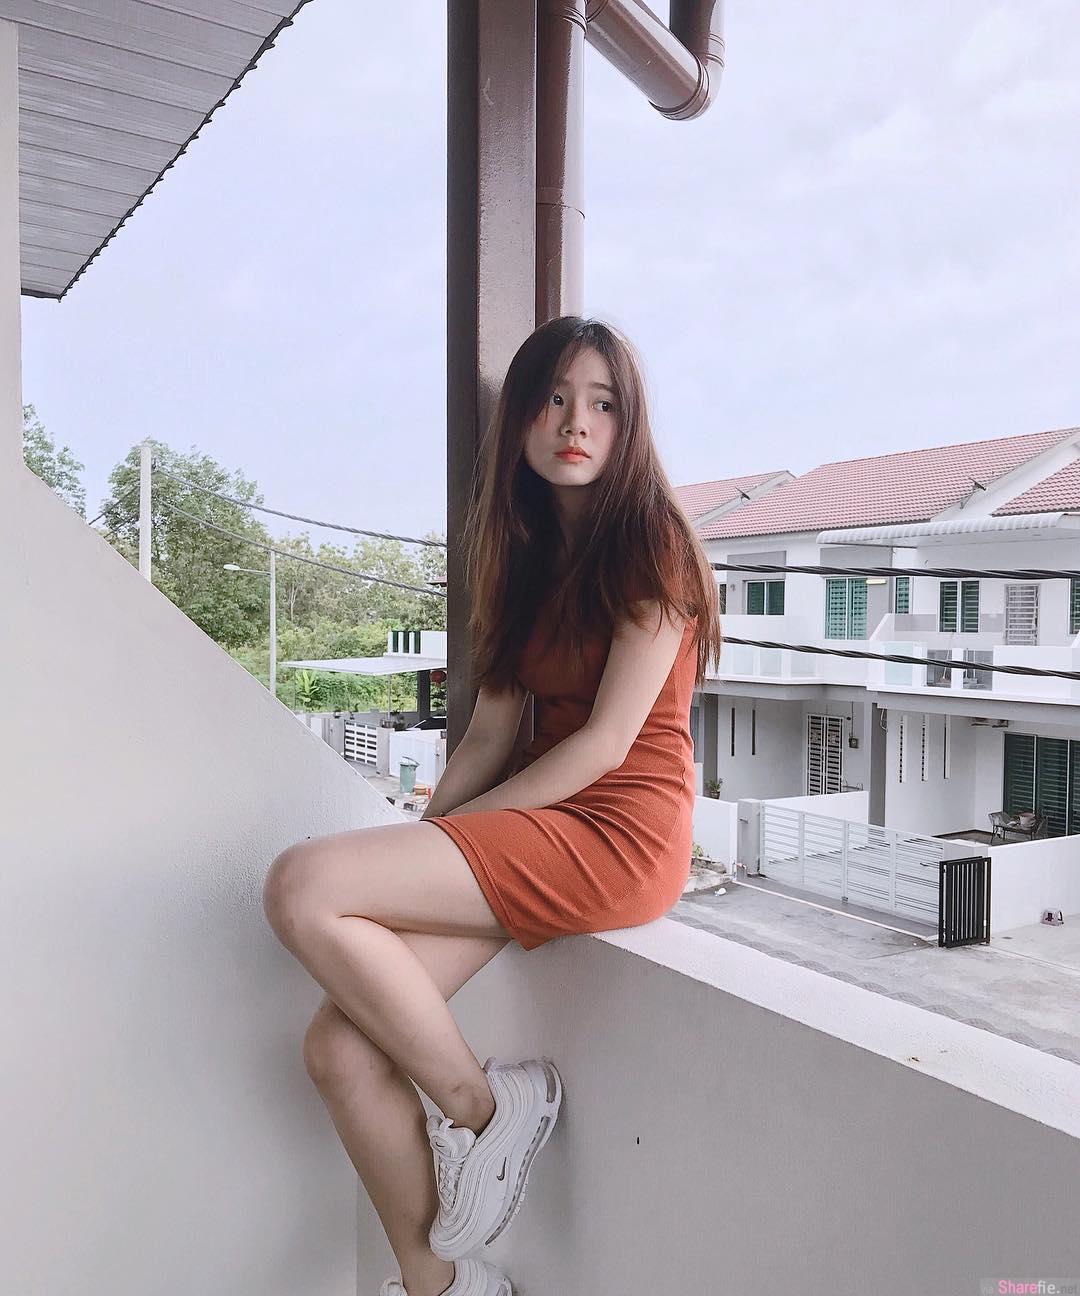 大马清新正妹ShiKhei Chan,绝美脸蛋,阳台外拍展现诱人美腿